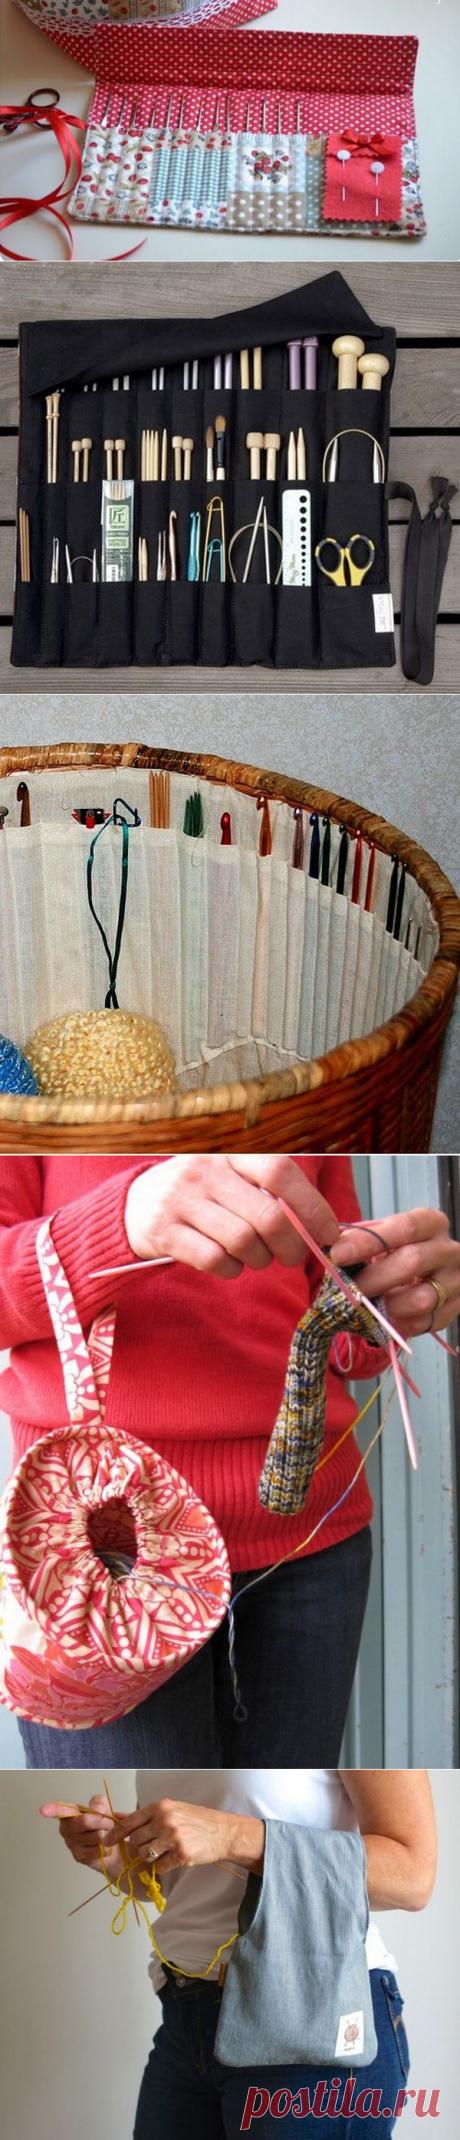 Маленькие хитрости для хранения крючков, спиц, иголок